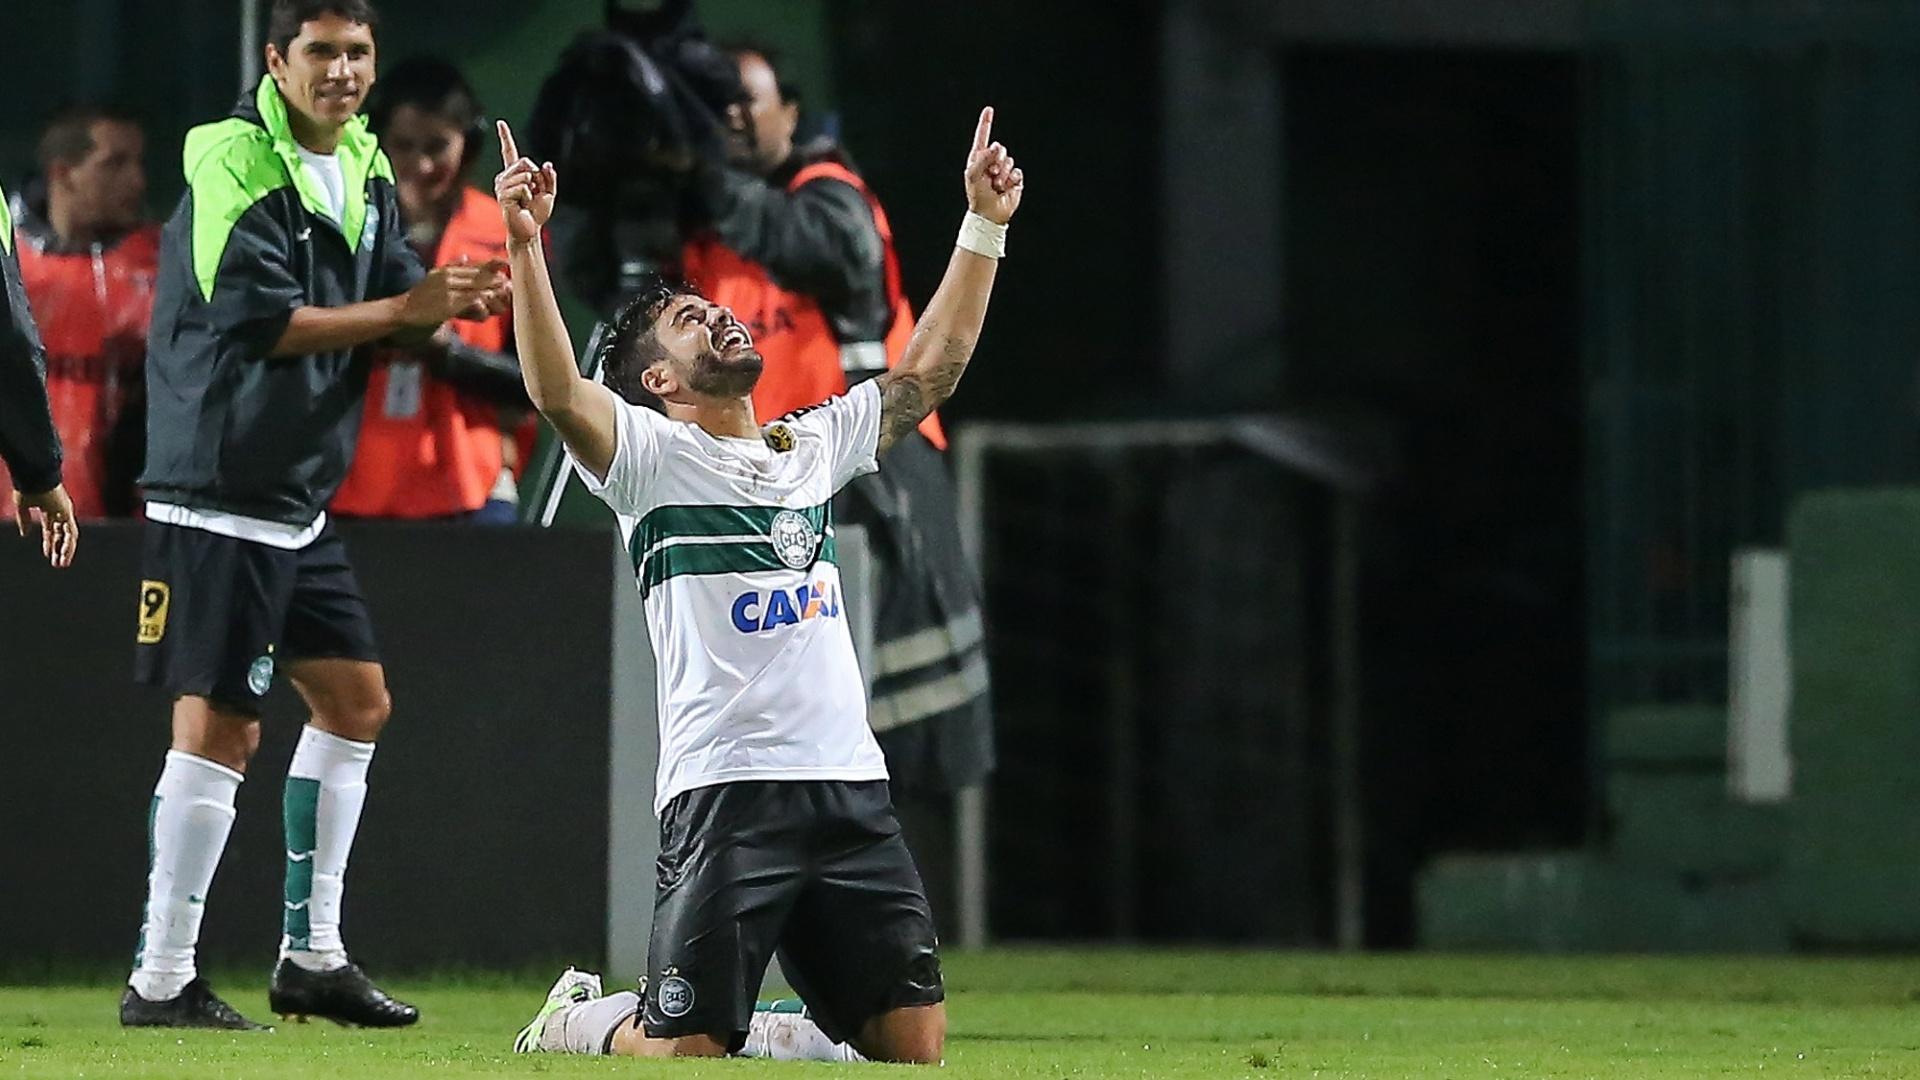 Henrique comemora o seu gol pelo Coritiba contra o Santos no Brasileirão